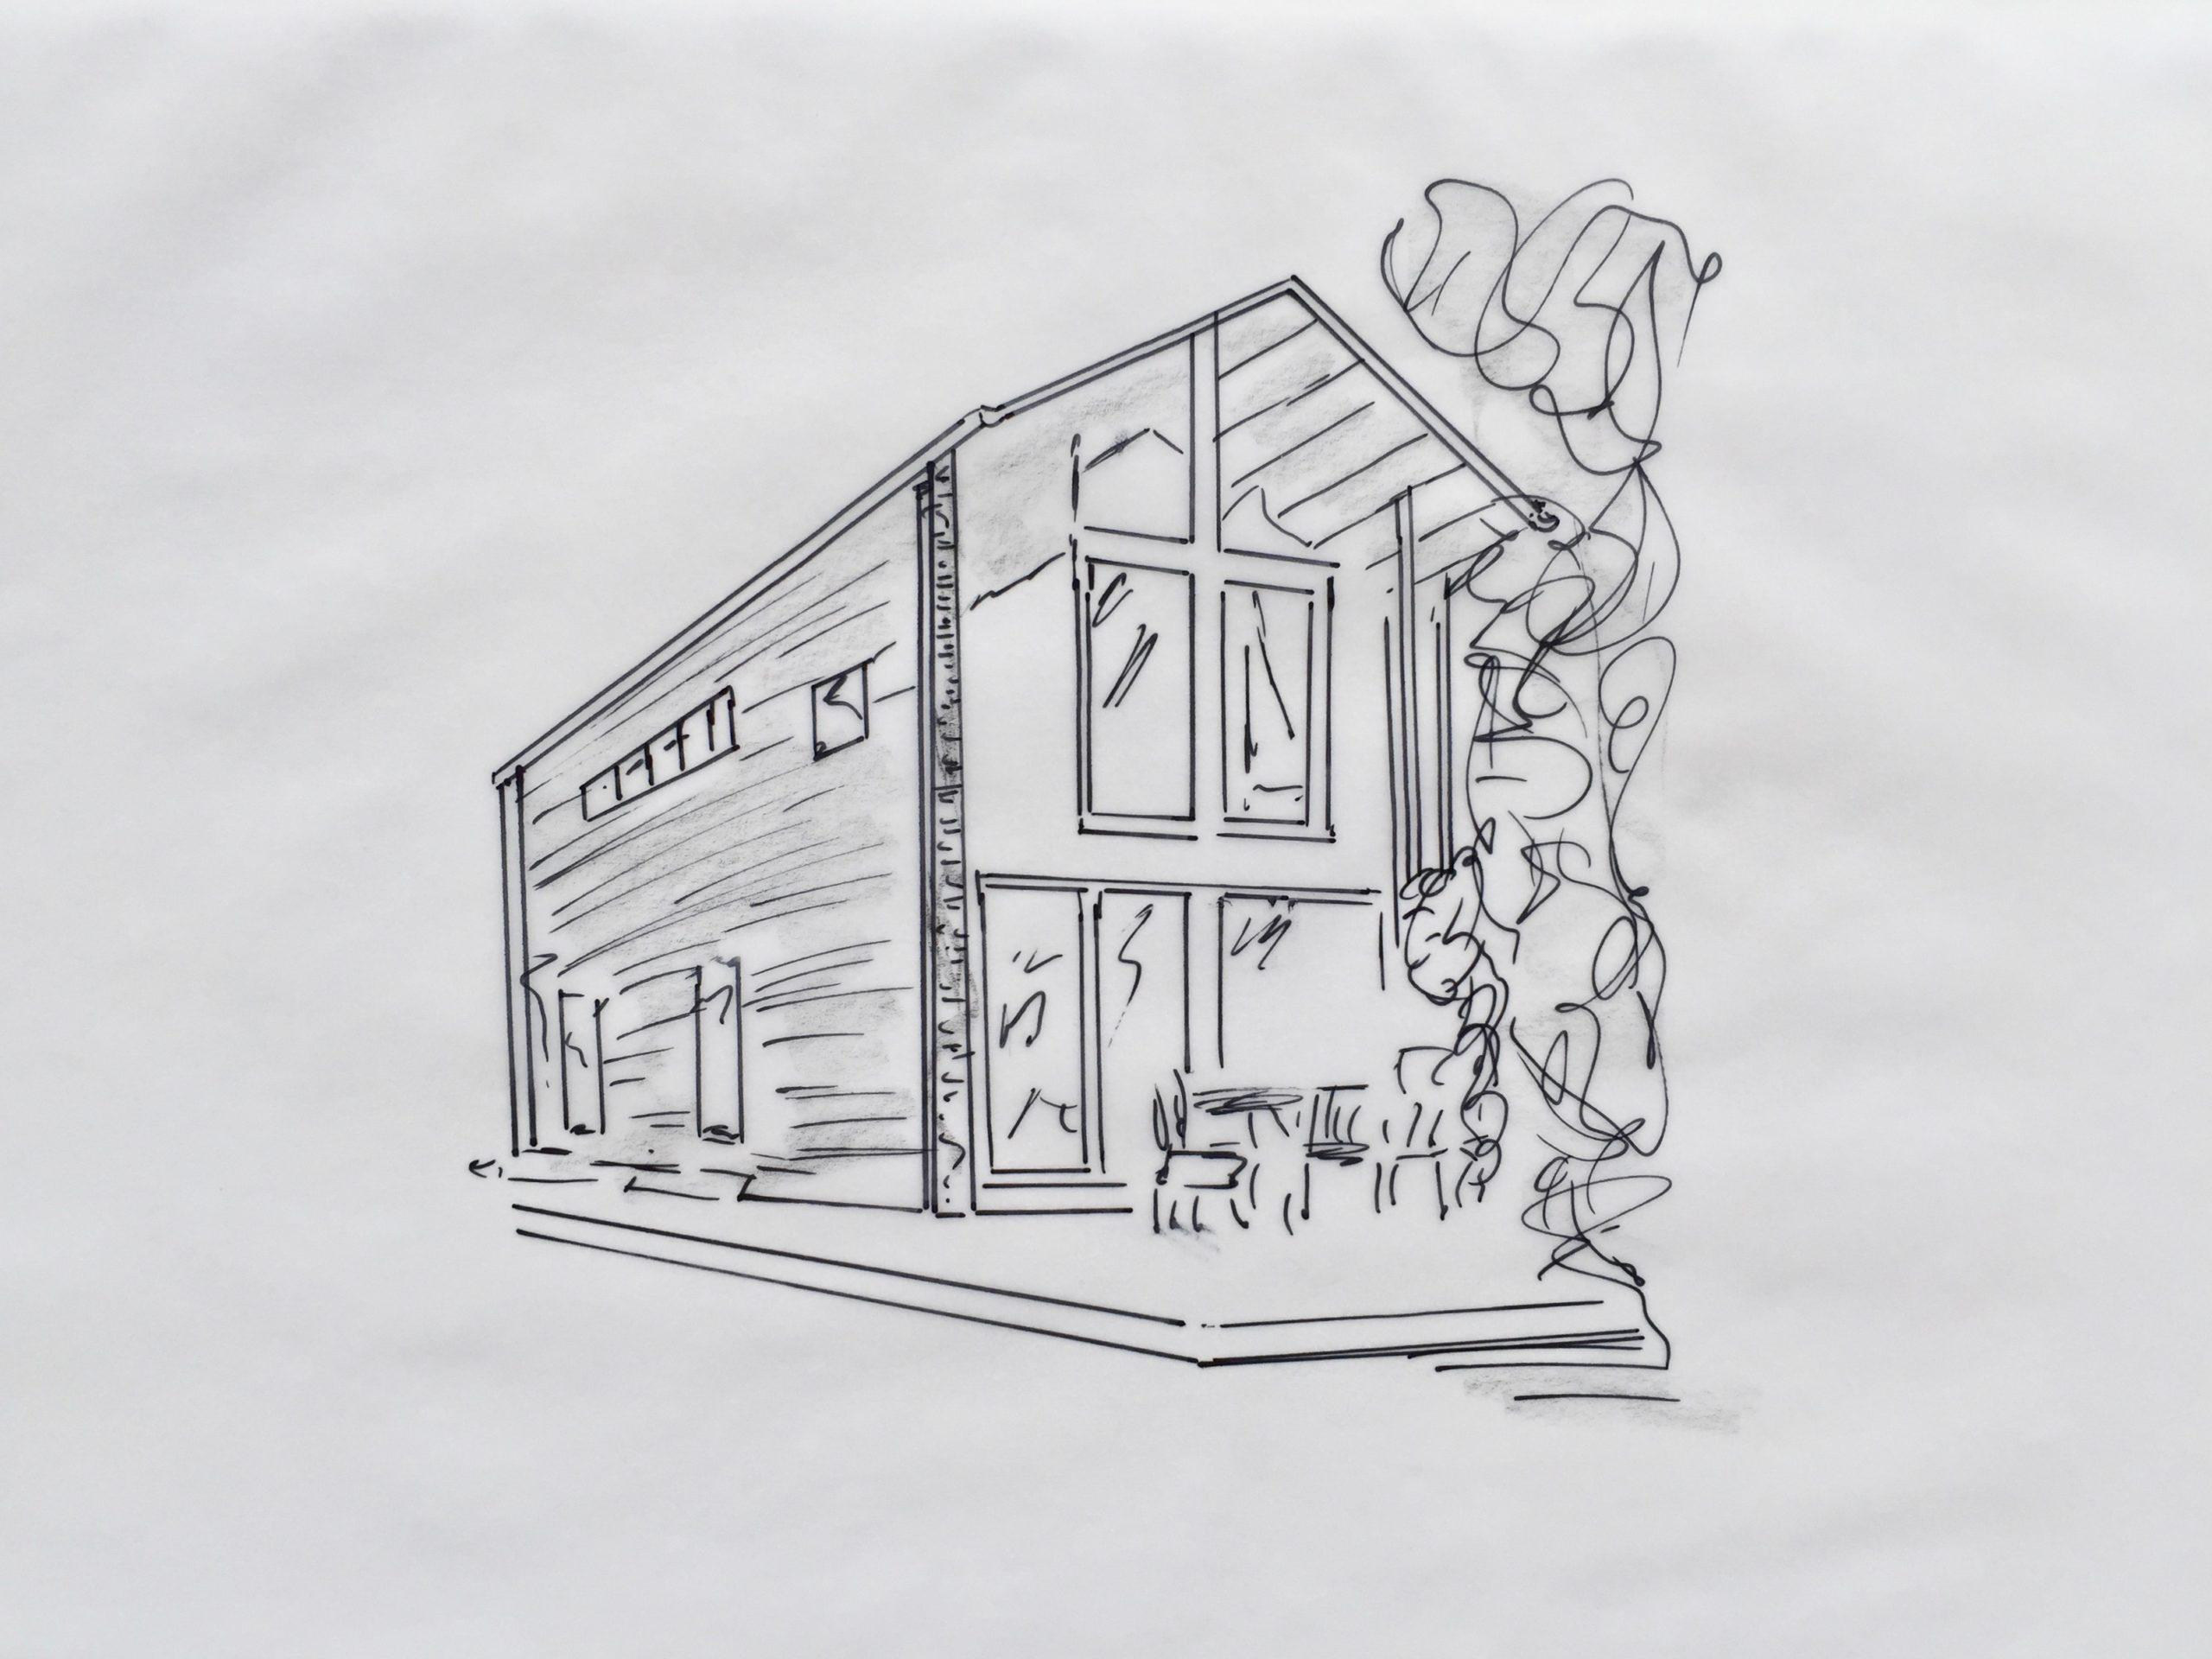 Bufinanzierung –Skizze: Kleines Haus mit cleverer Raumlösung –perfekt zu zweit (im Alter), wenn das Grundstück schmal oder der Preis dafür hoch ist.